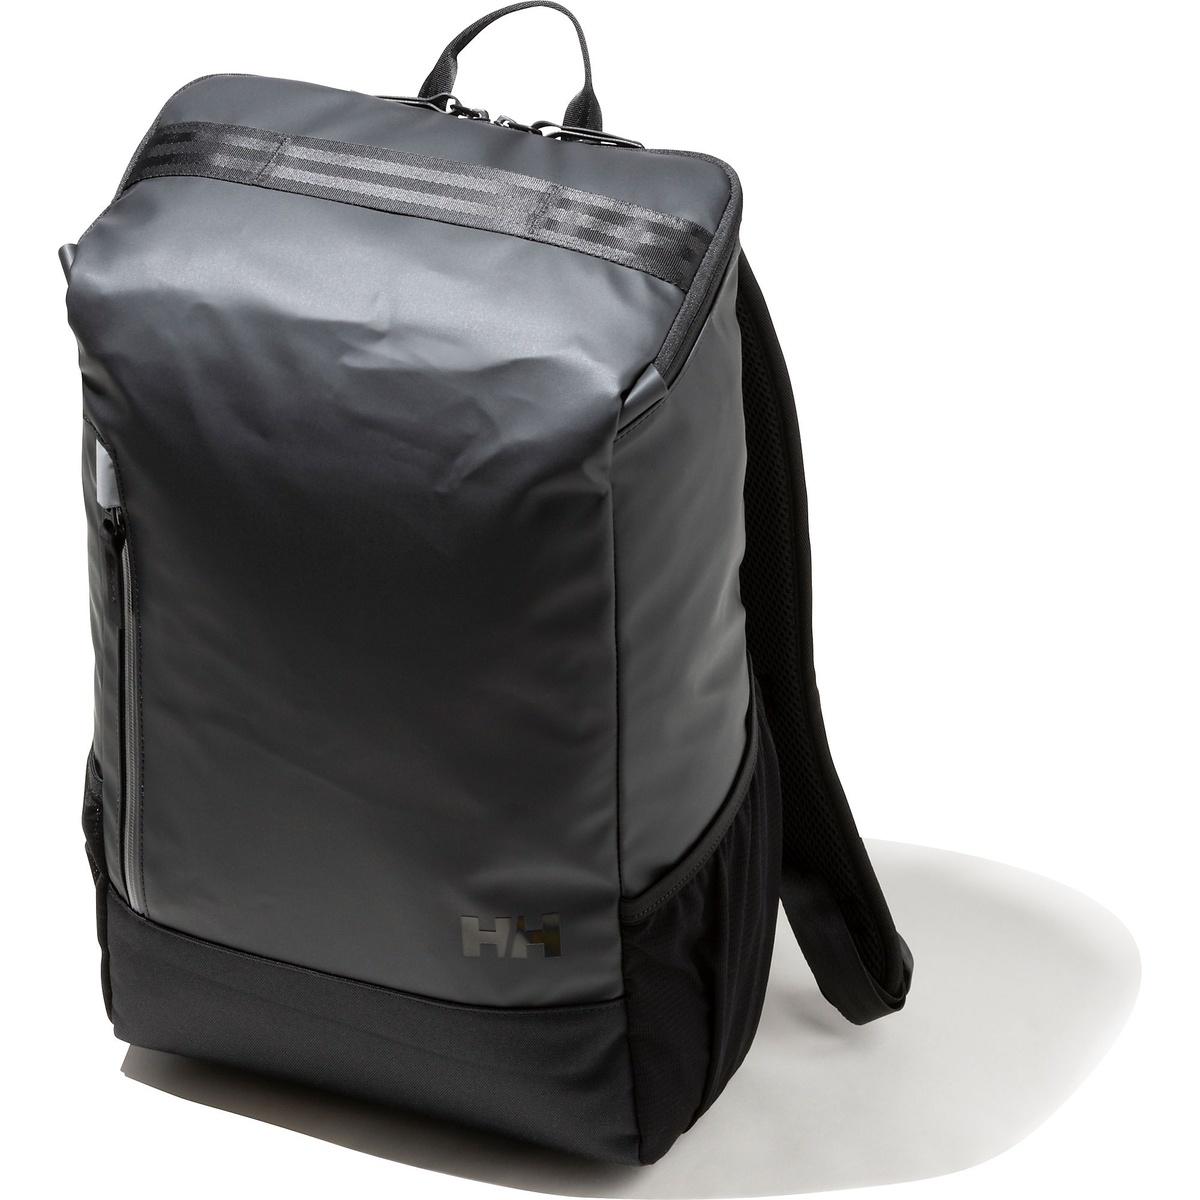 【送料無料】 HELLY HANSEN (ヘリーハンセン) トレッキング アウトドア カジュアルバックパックス Aker Day Pack K HY91880 K